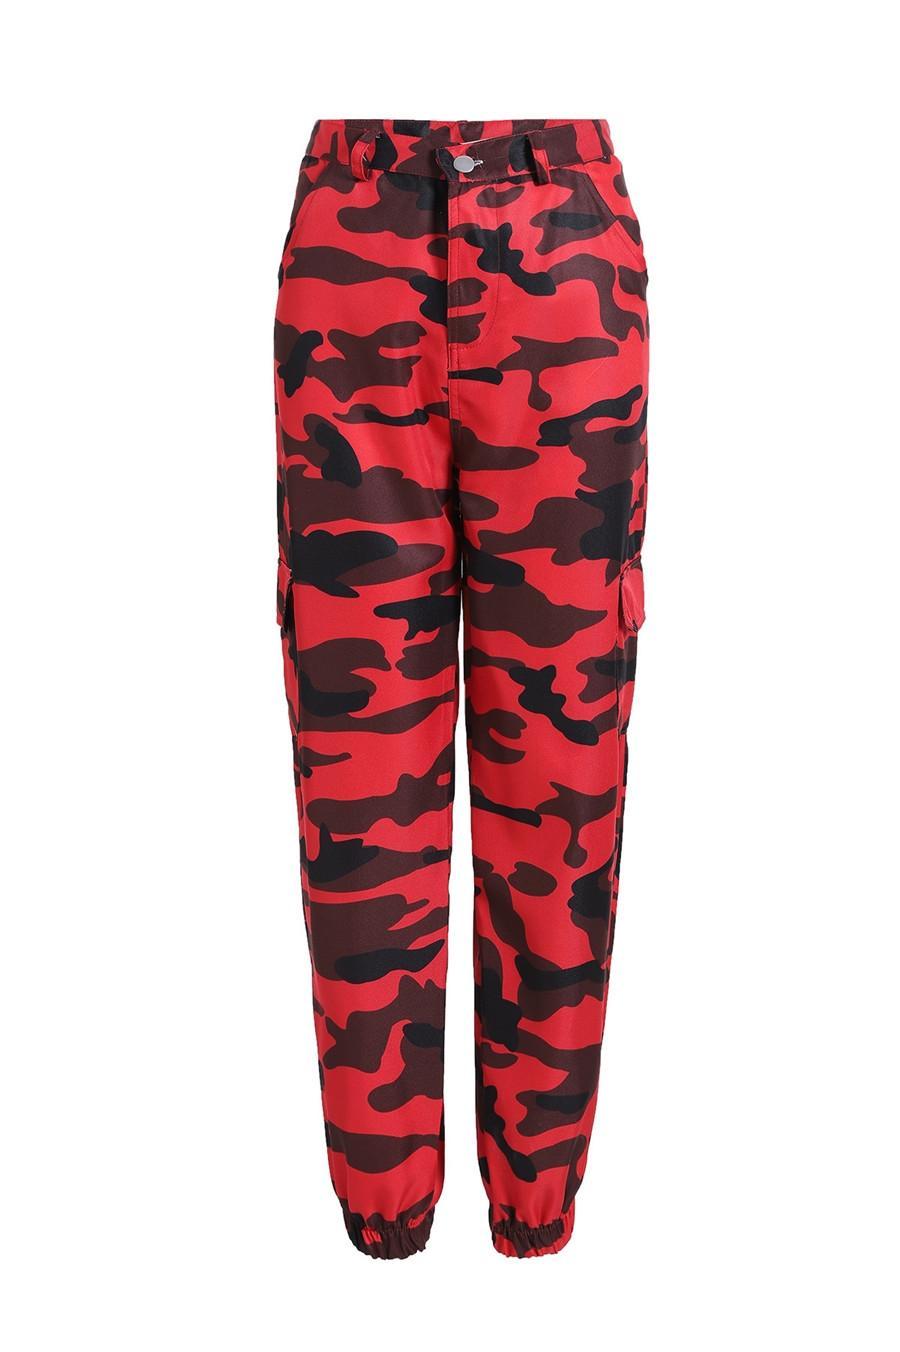 Drop Shipping 2020 neu kommen Männer der Armee-Grün-Tarnung dünne lange Hose Patchwork beiläufige Jeans Männer Modis Street C19040401 # 917